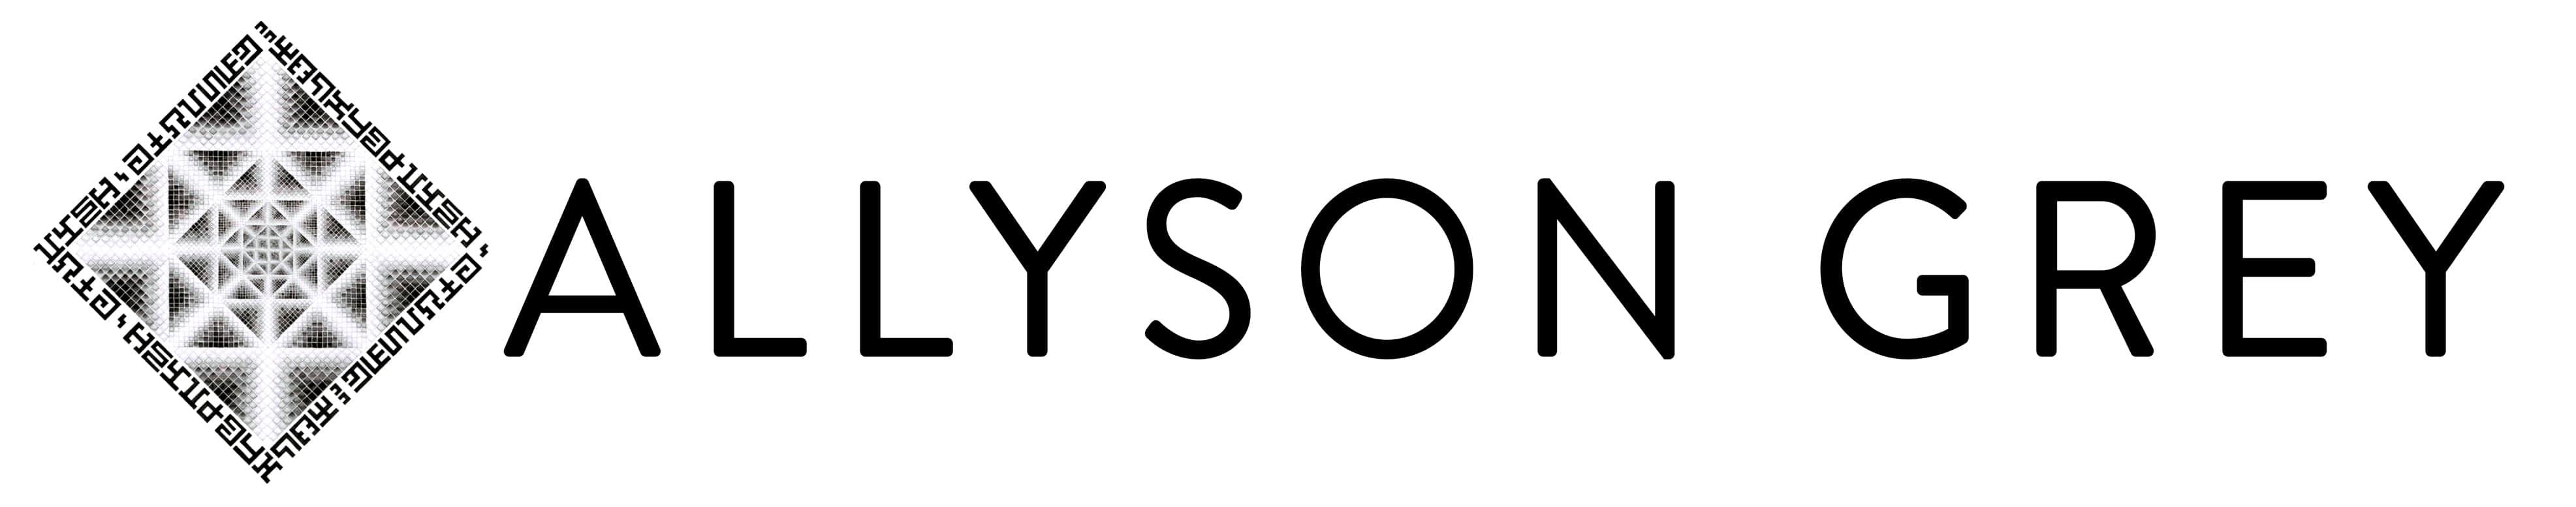 ALLYSON GREY